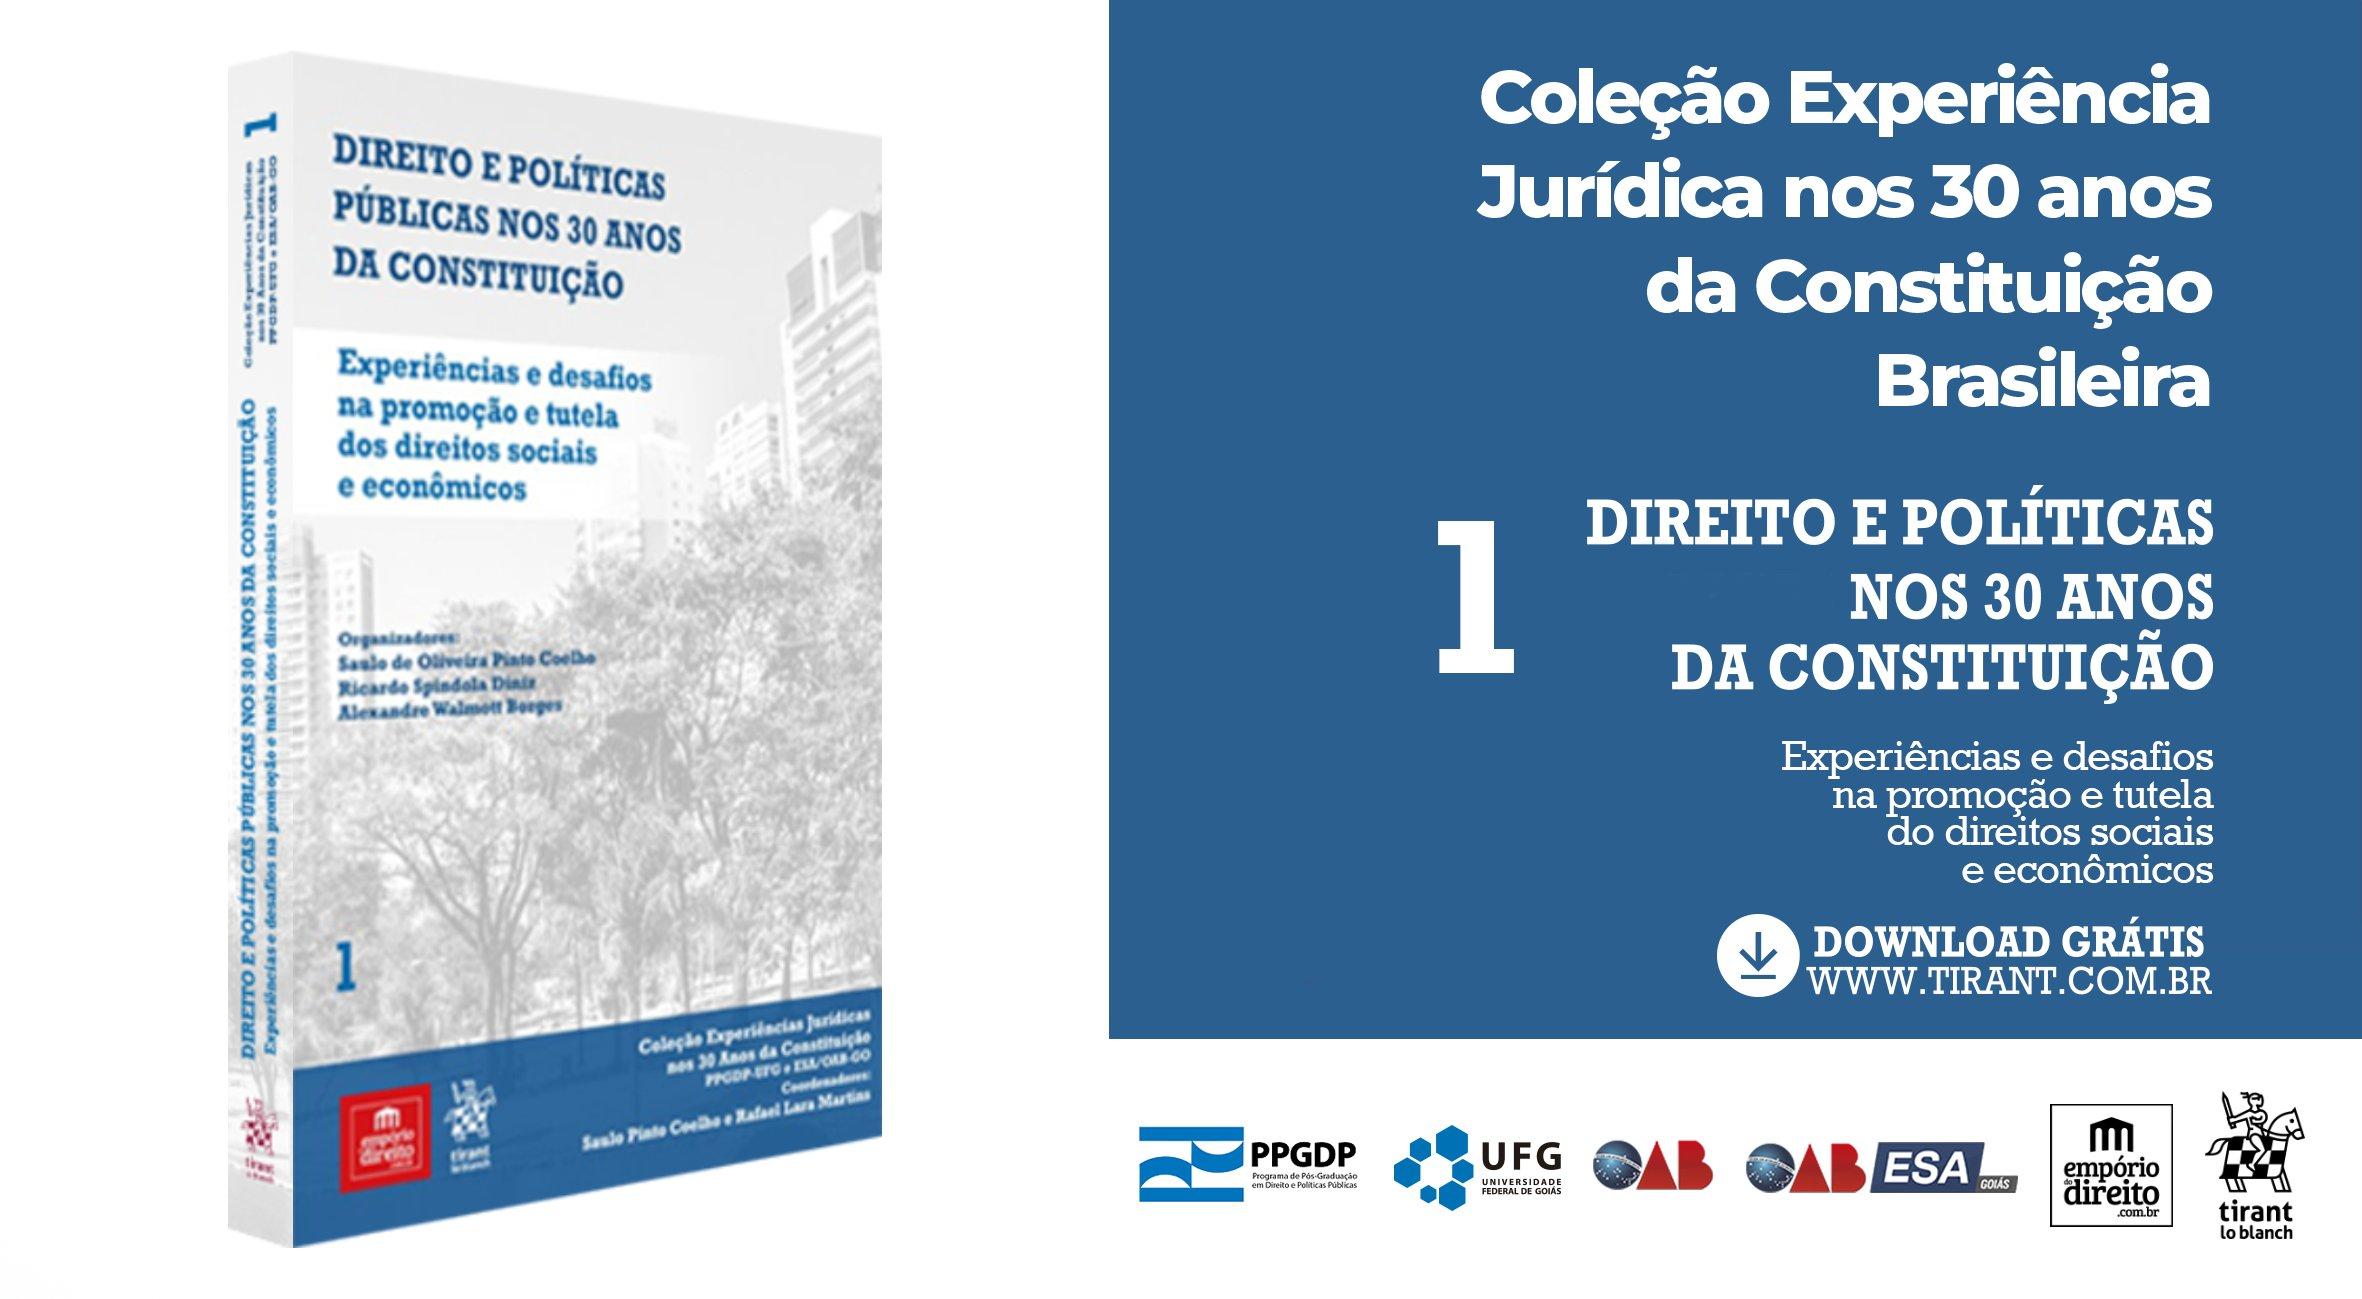 Livro 1: Direito e Políticas nos 30 anos da Constituição / Coleção Experiência Jurídica nos 30 anos da Constituição Brasileira